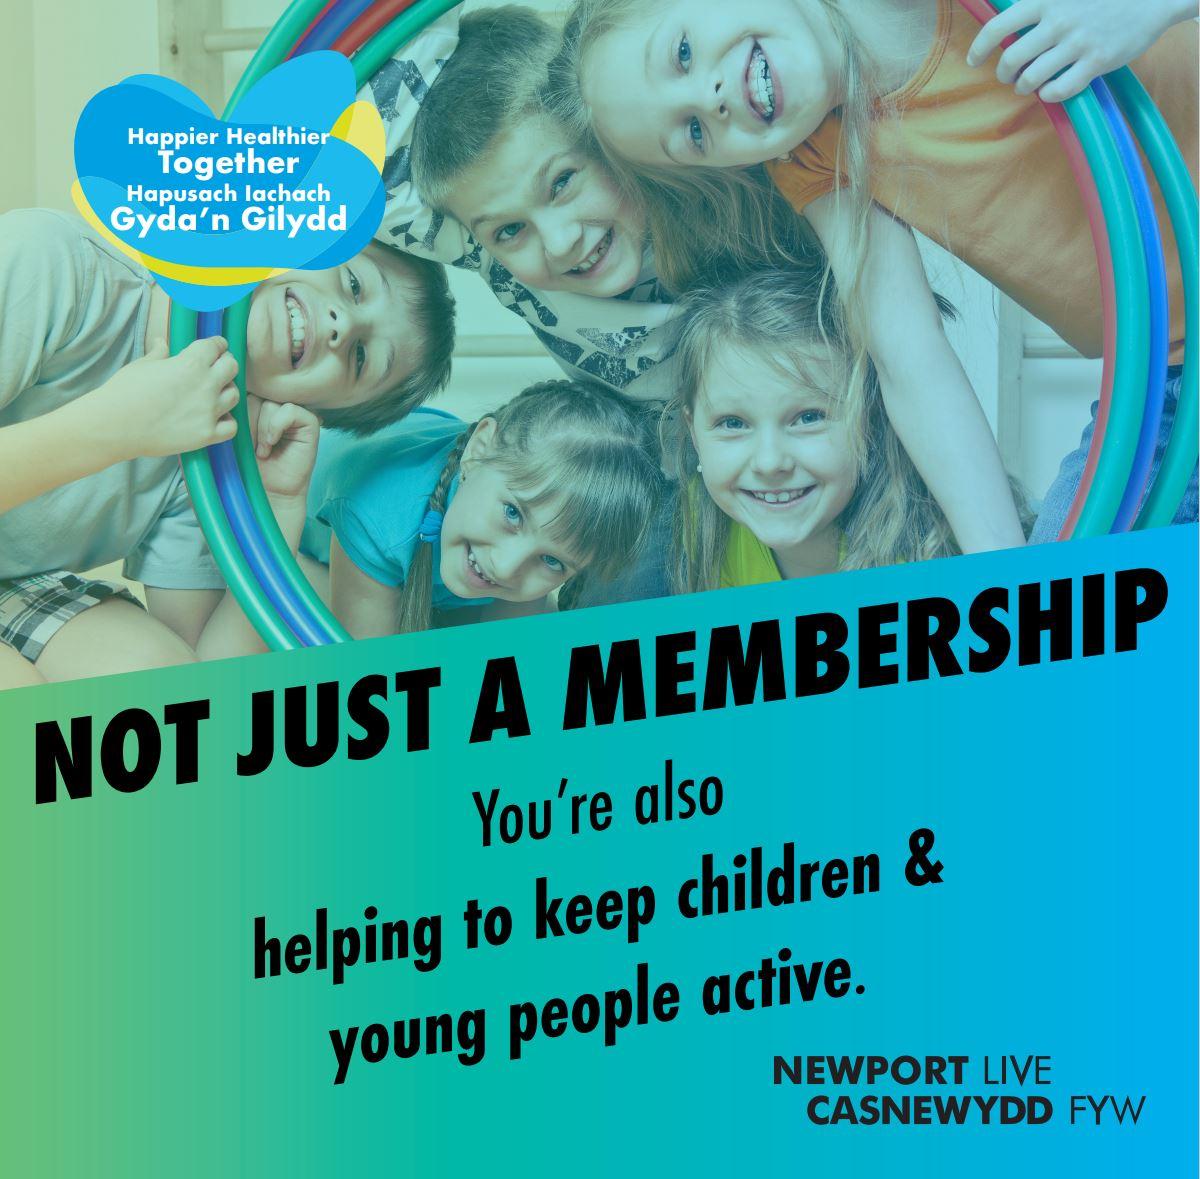 Not just a membership